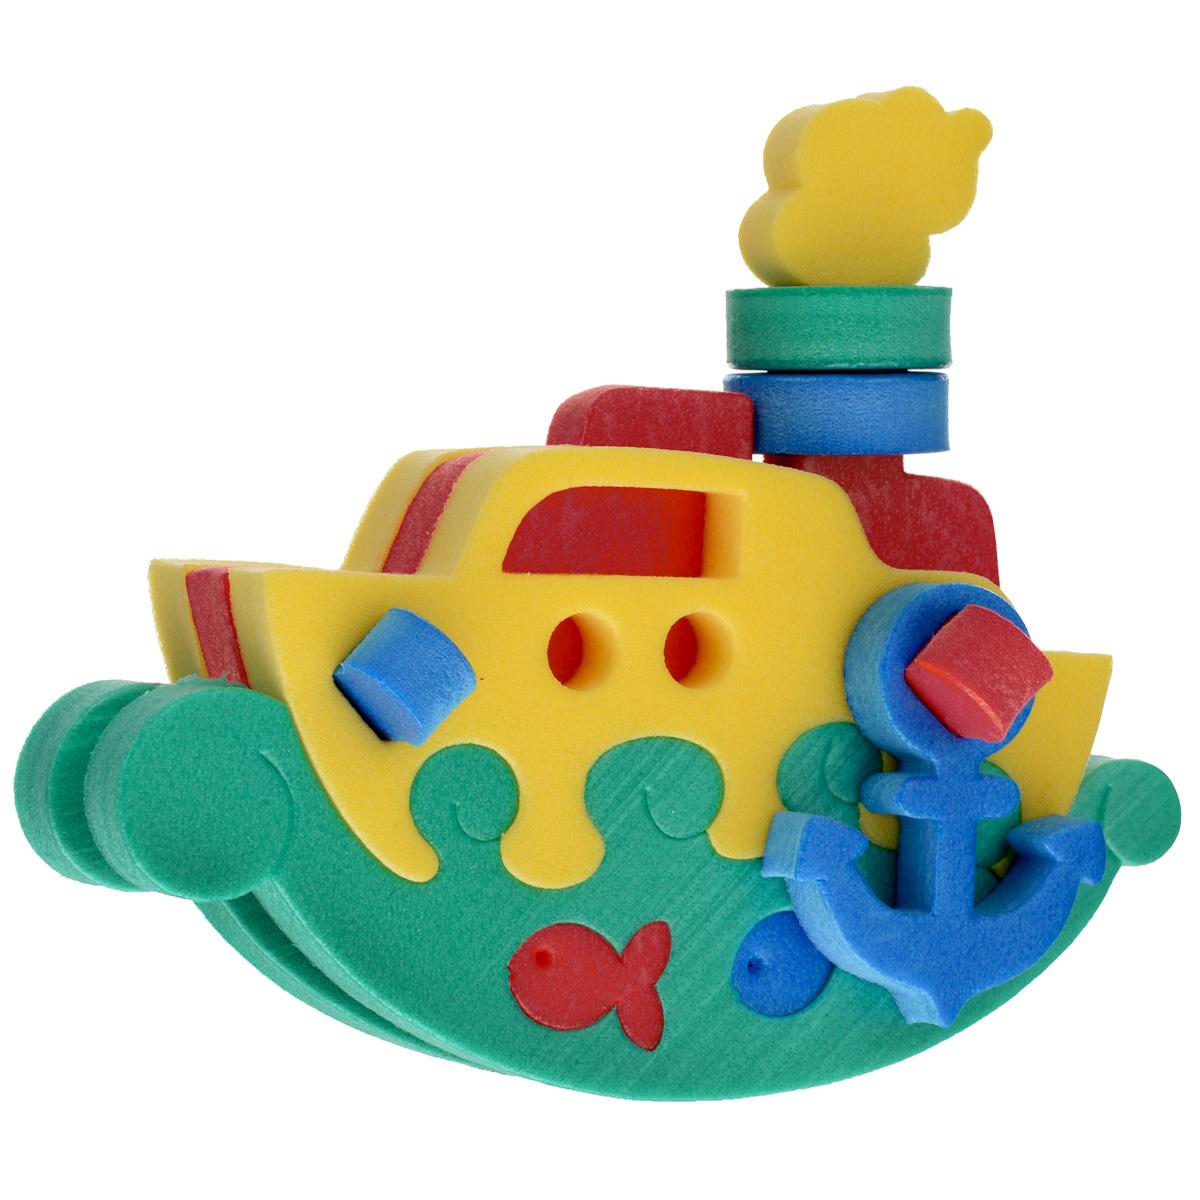 Флексика Мягкий конструктор Пароходик45382Мозаики и конструкторы настолько универсальны и практичны, что с ними можно играть практически везде. Для производства игрушек используется современный, легкий, эластичный, прочный материал, который обеспечивает большую долговечность игрушек, и главное –является абсолютно безопасным для детей. К тому же, благодаря особой структуре материала и свойству прилипать к мокрой поверхности, мягкие конструкторы и мозаики являются идеальной игрушкой для ванны. Способствует развитию у ребенка мелкой моторики, образного и логического мышления, наблюдательности.